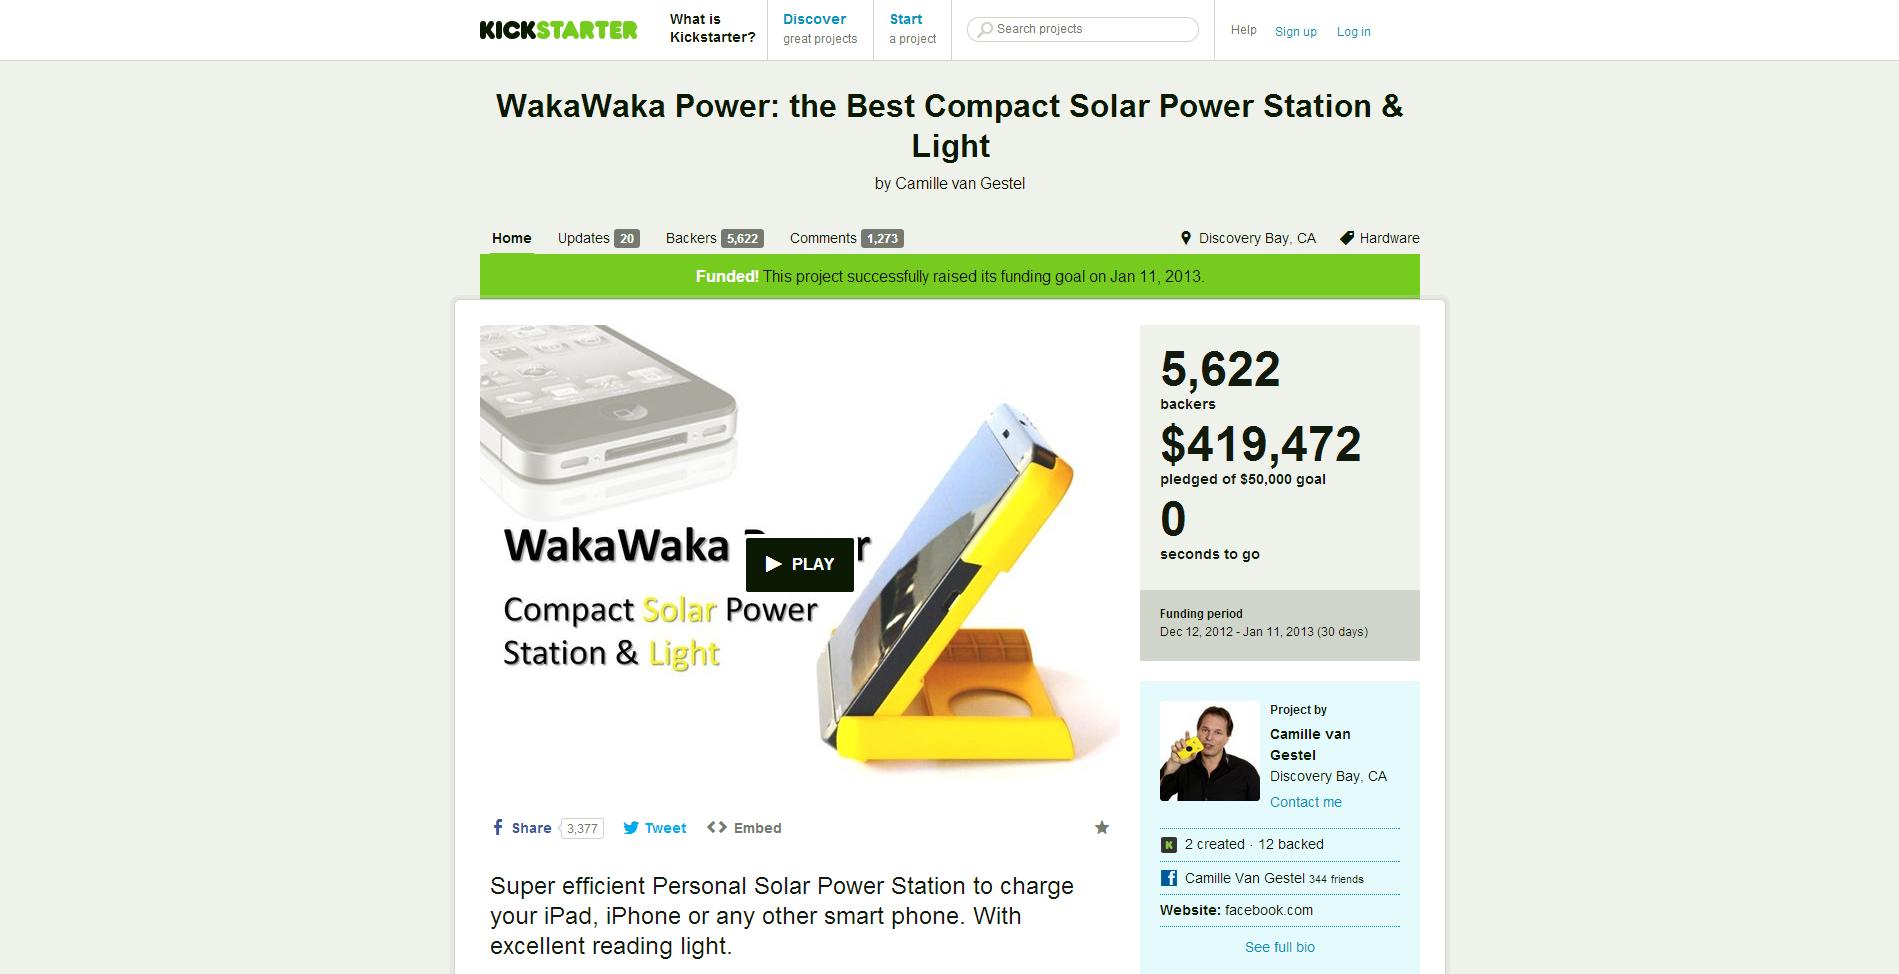 WakaWakaKickstarter